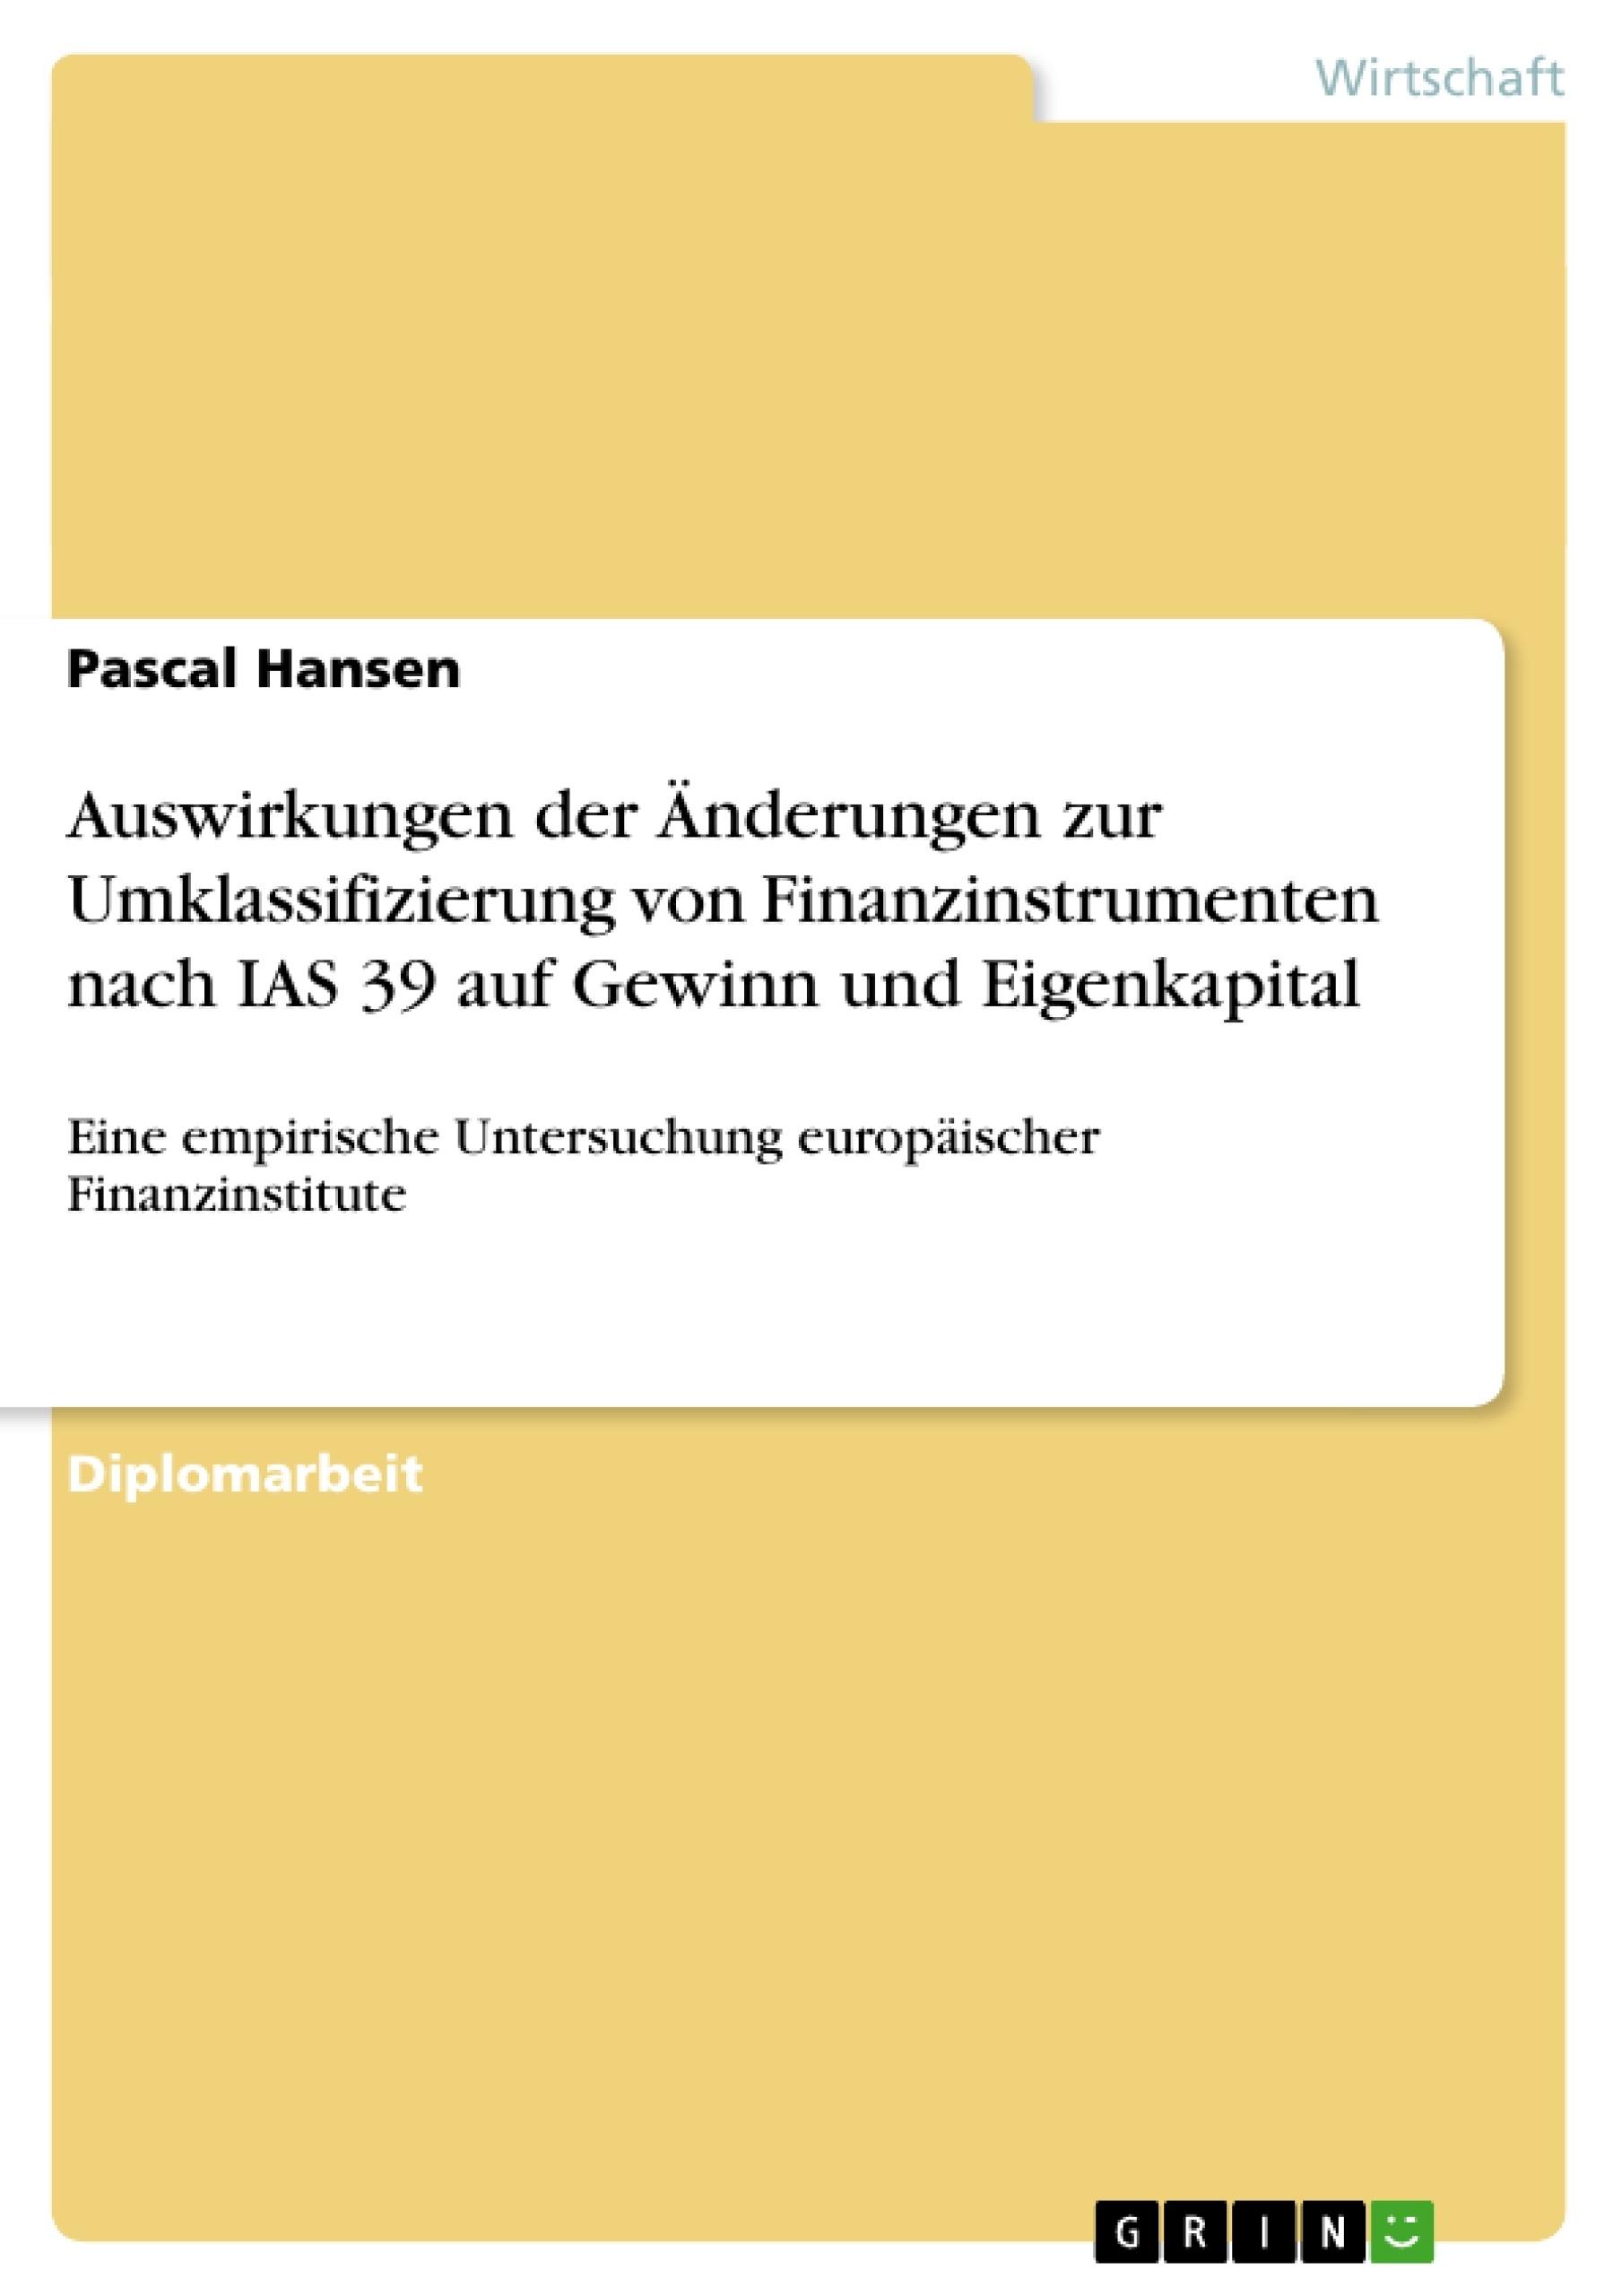 Titel: Auswirkungen der Änderungen zur Umklassifizierung von Finanzinstrumenten nach IAS 39 auf Gewinn und Eigenkapital